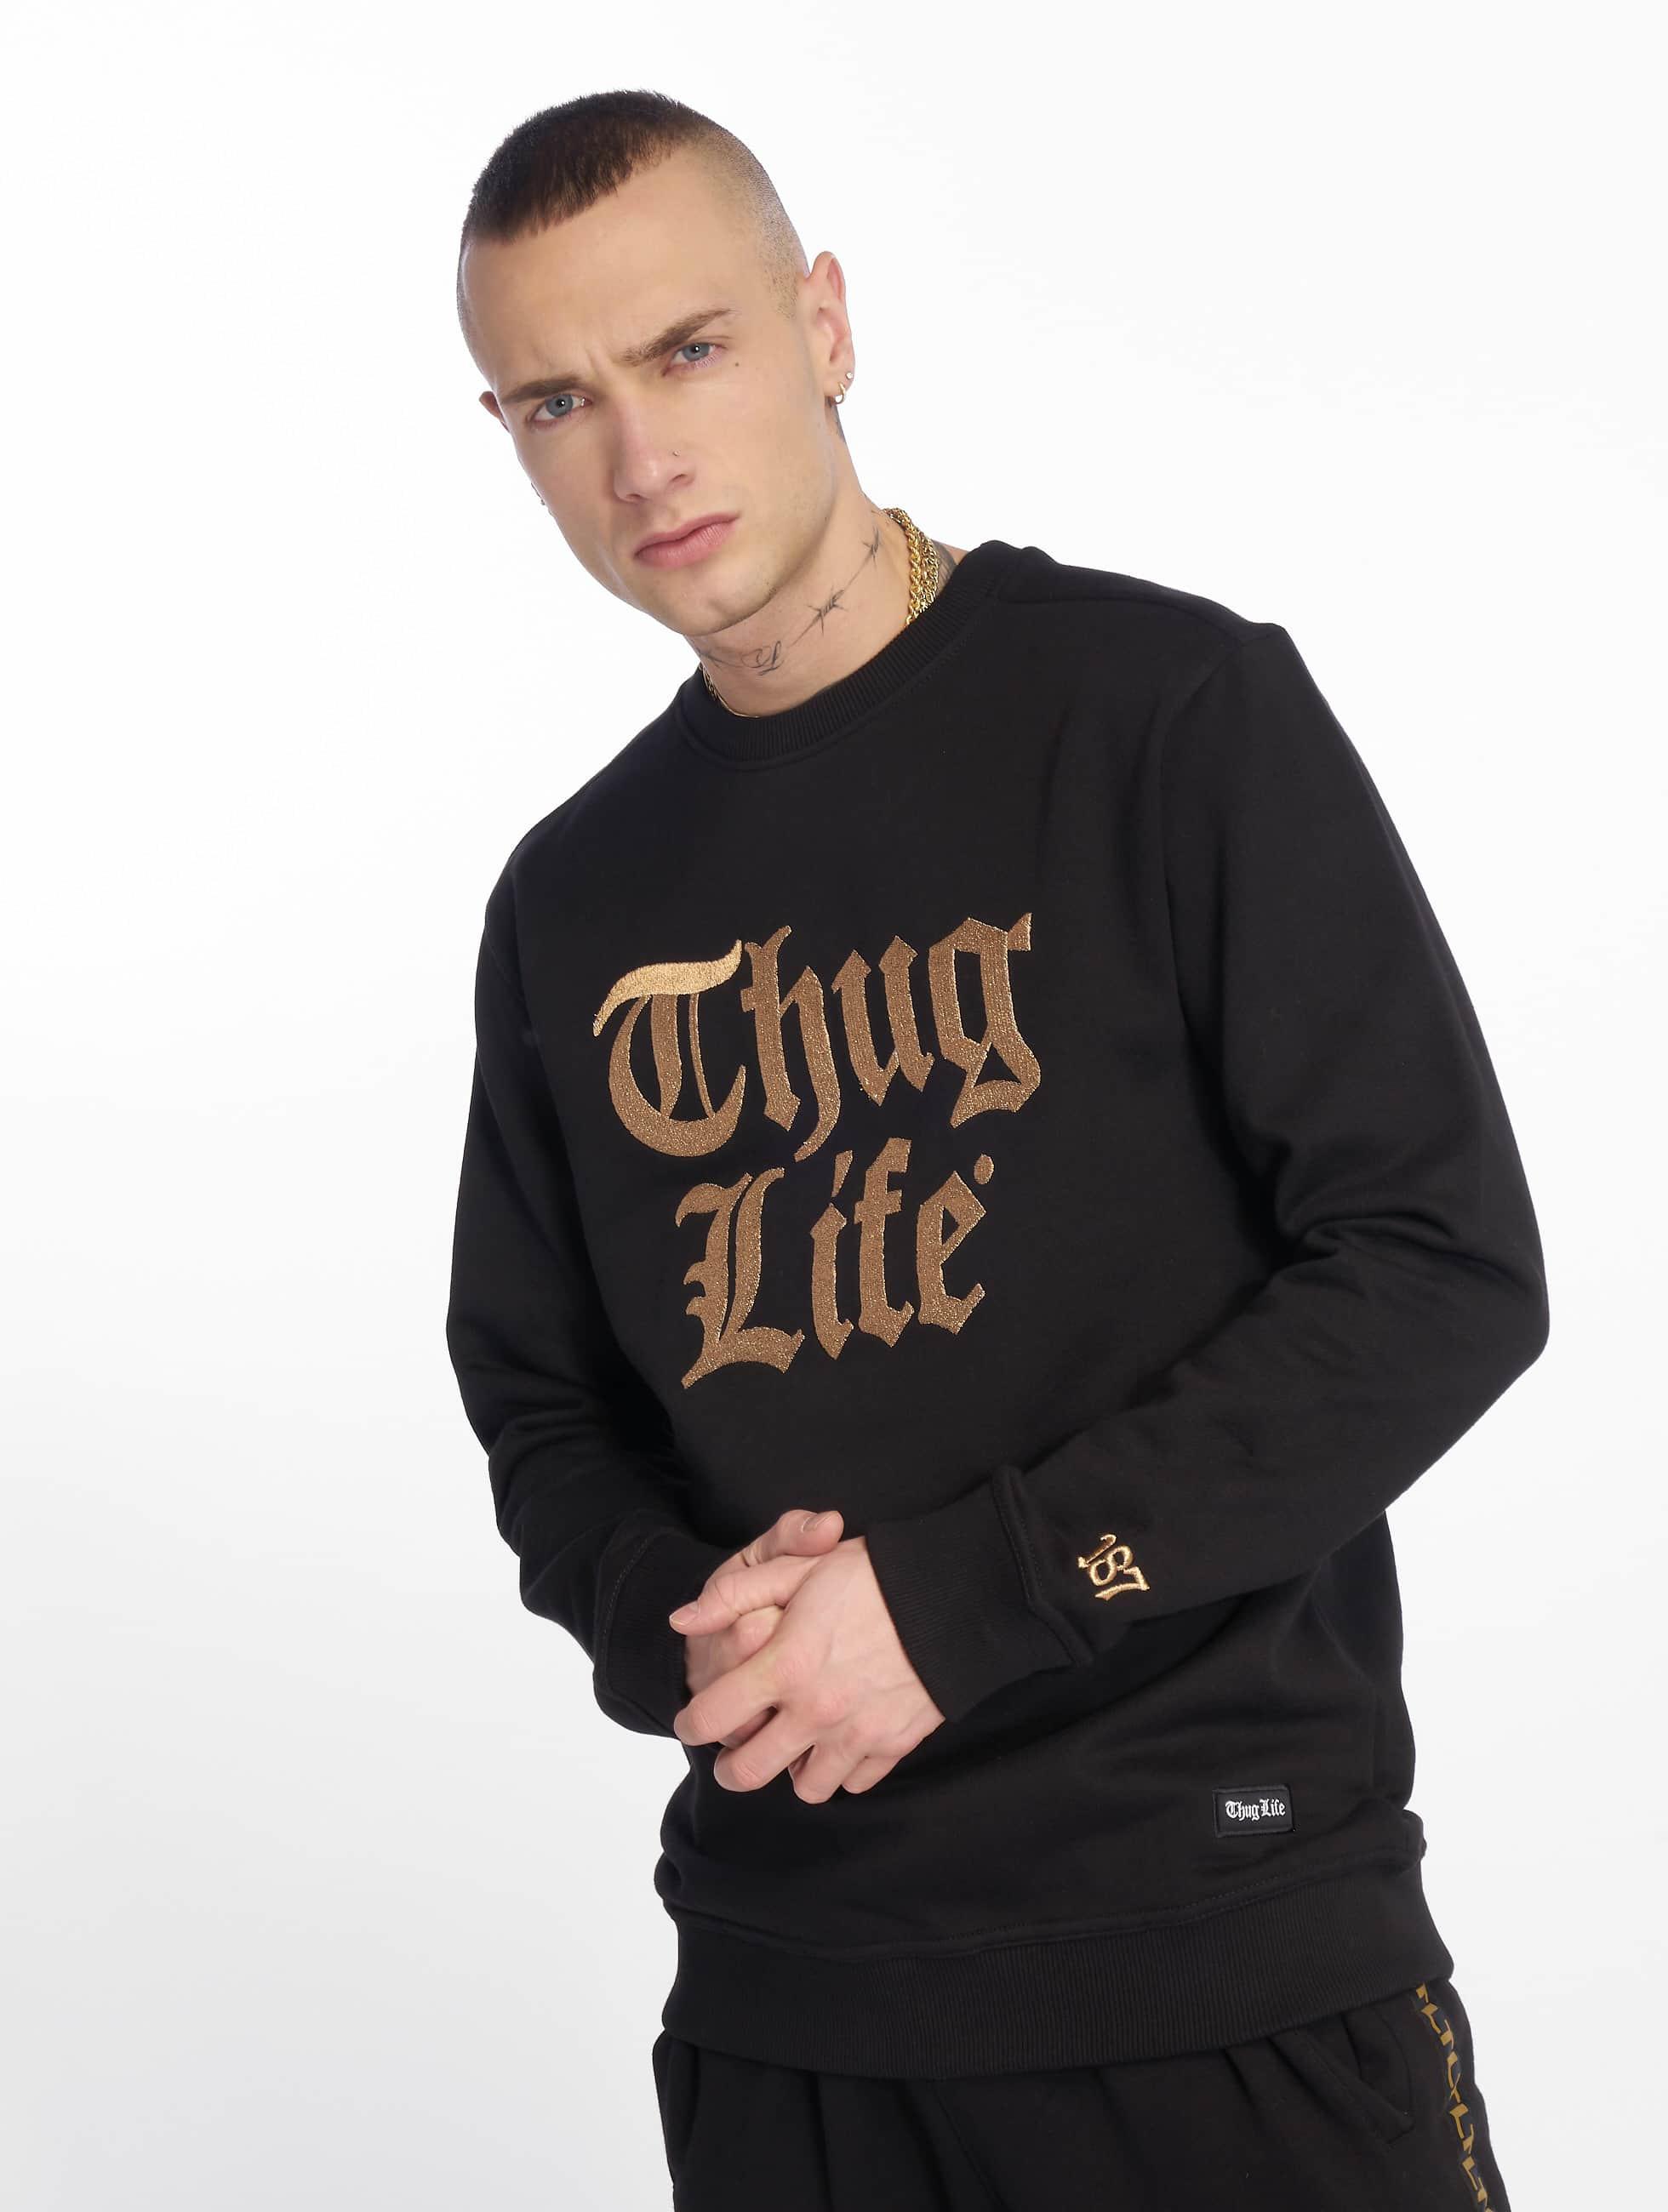 Thug Life / Jumper Yung in black 3XL